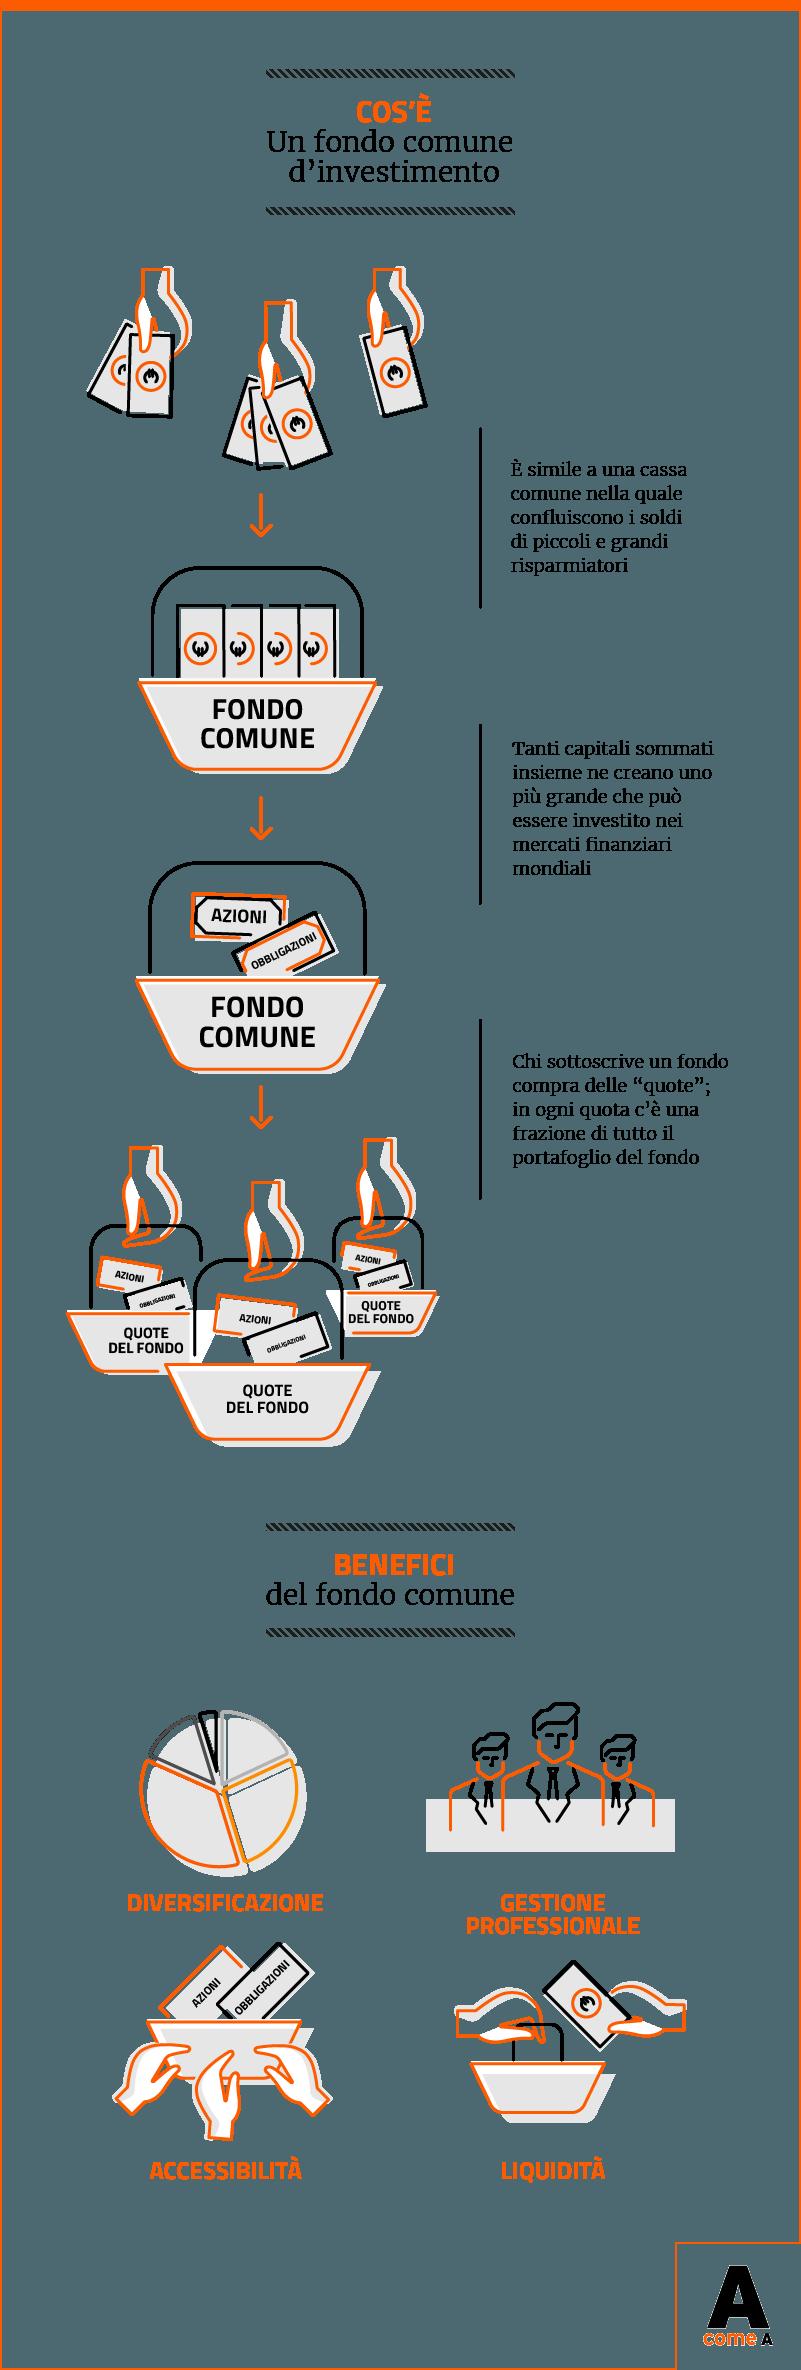 Infografica: che cos'è un fondo comune d'investimento